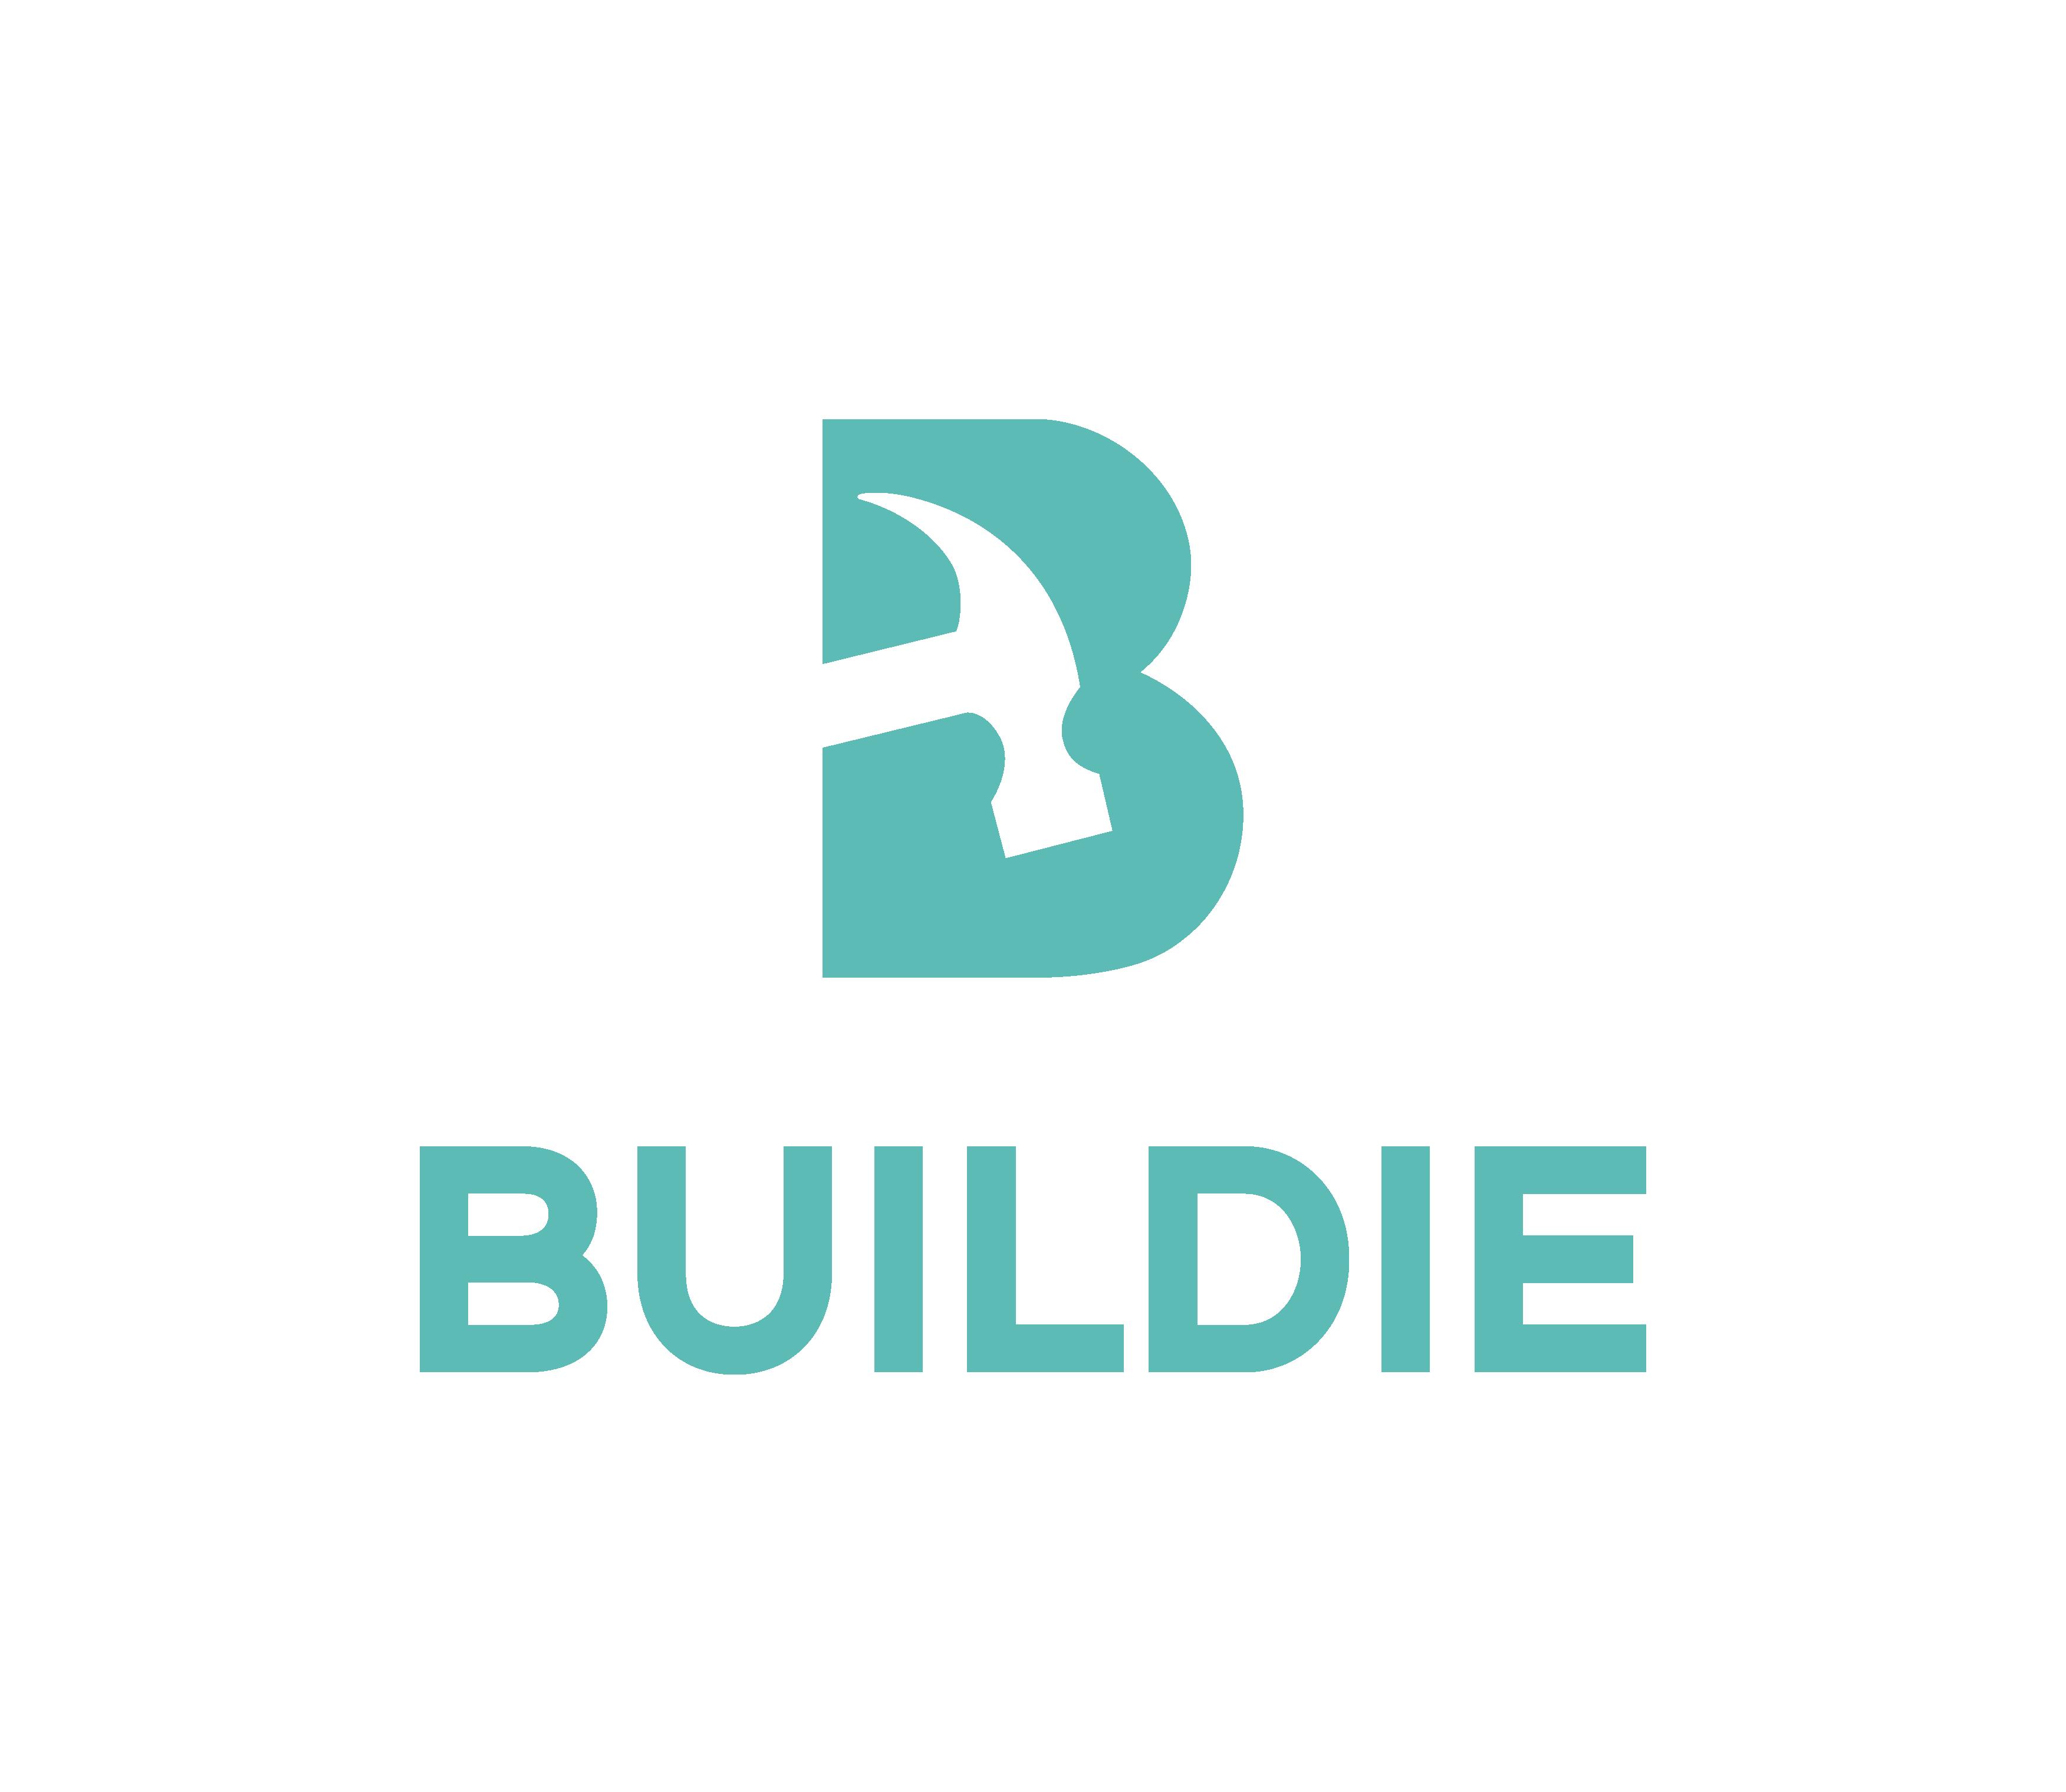 Buildie Oy logo